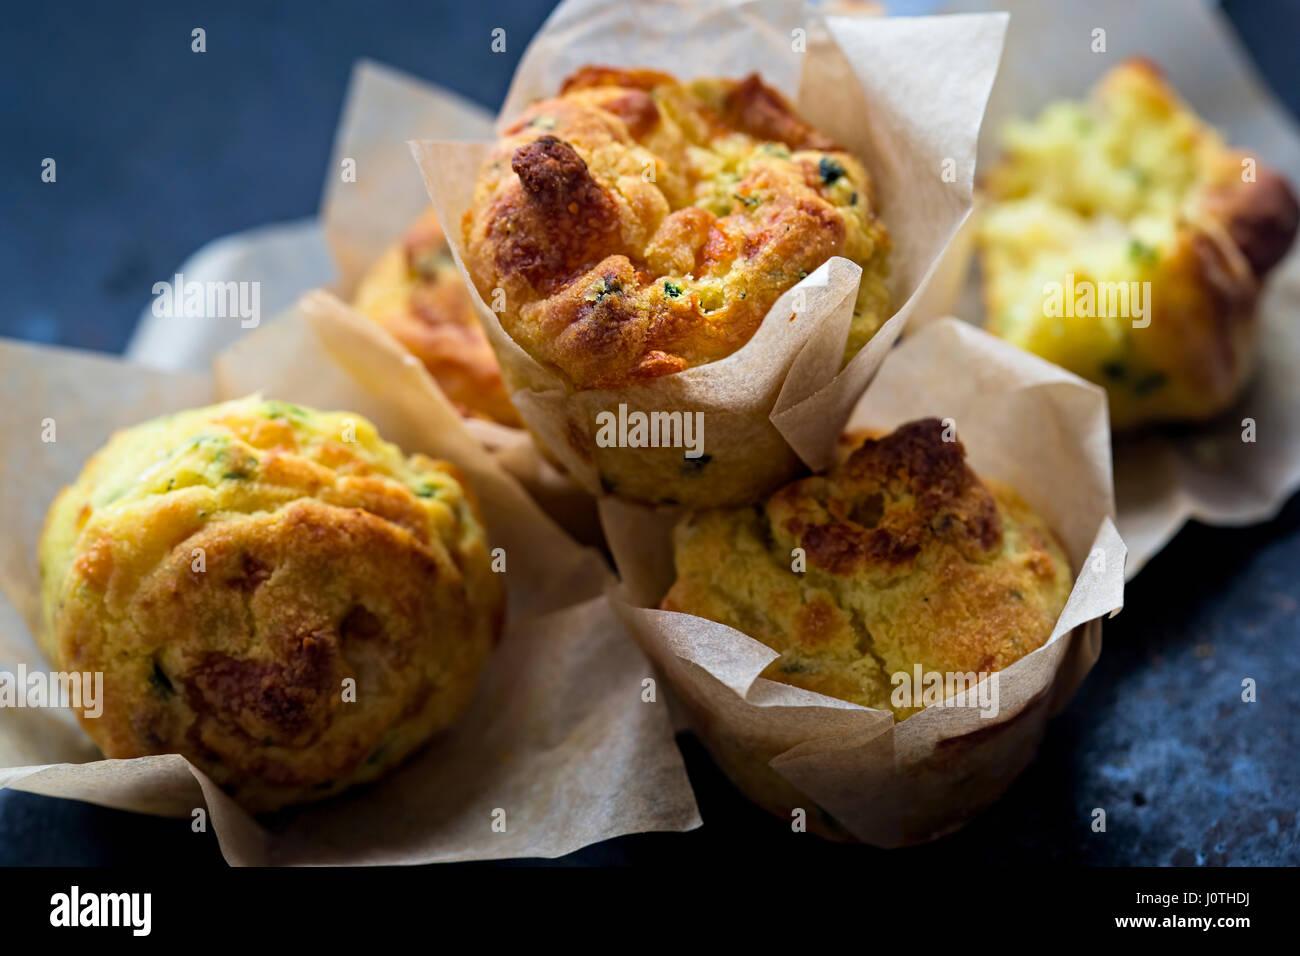 Cheese onion savoury mini muffins - Stock Image